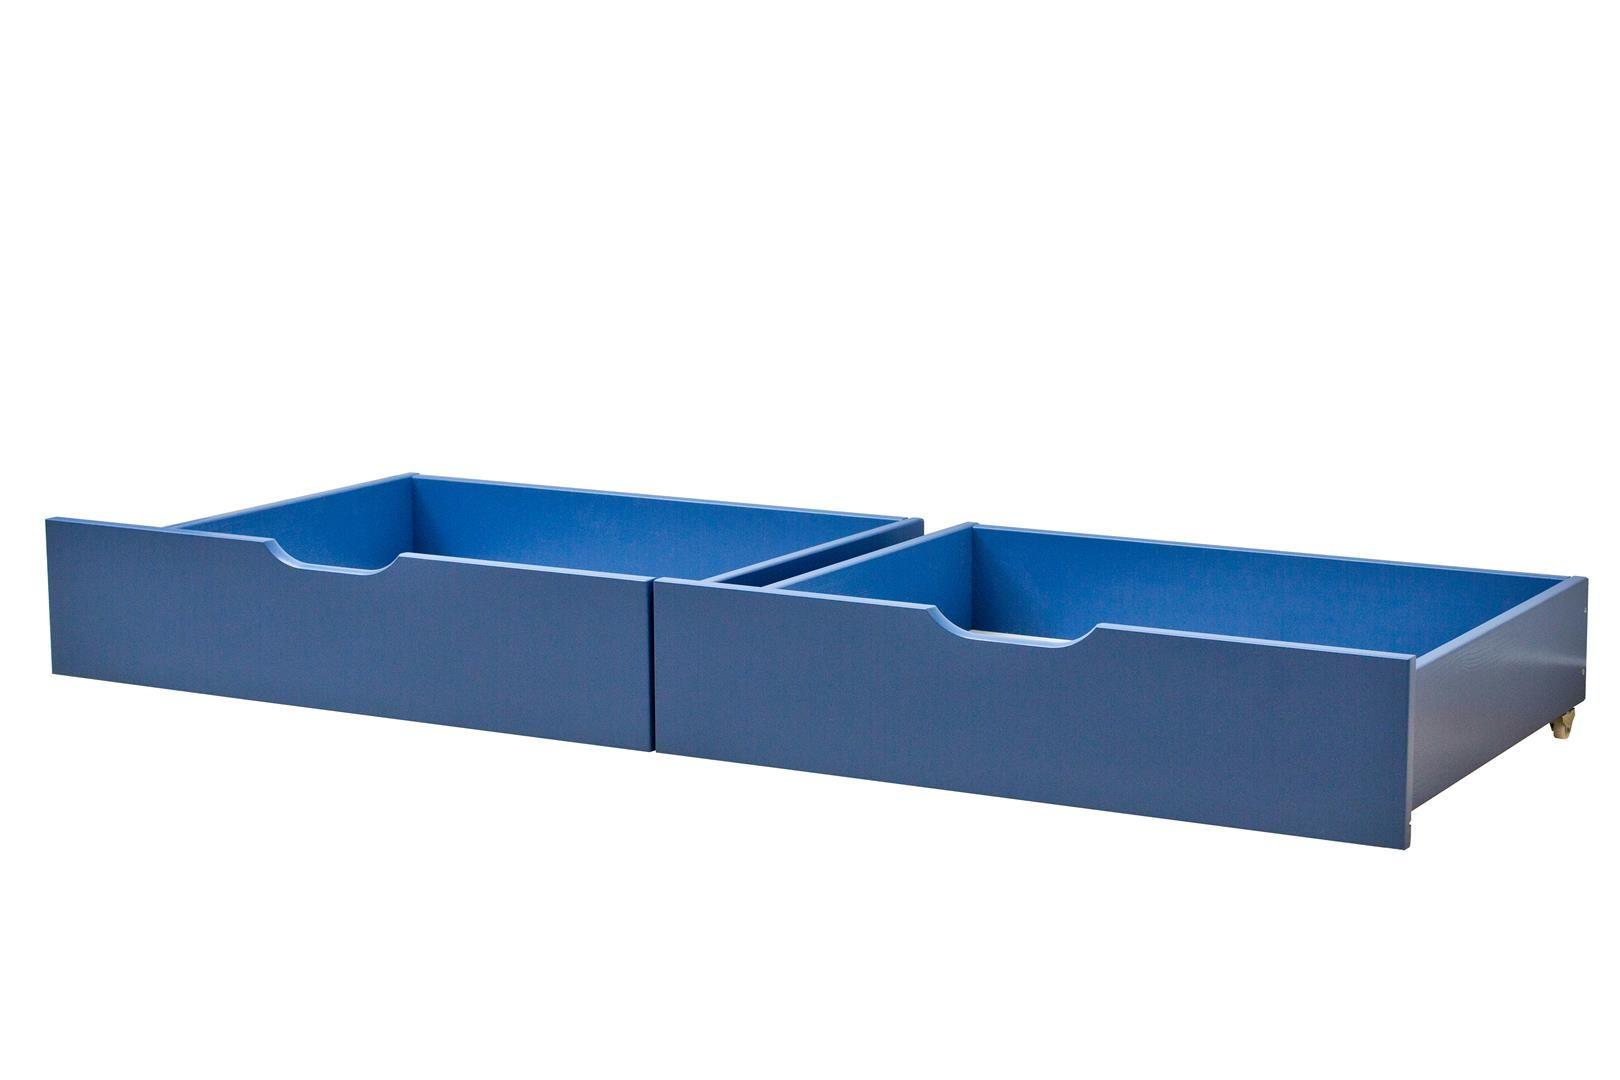 Sengeskuffesæt fra Hoppekids - Classic blue (182x60)